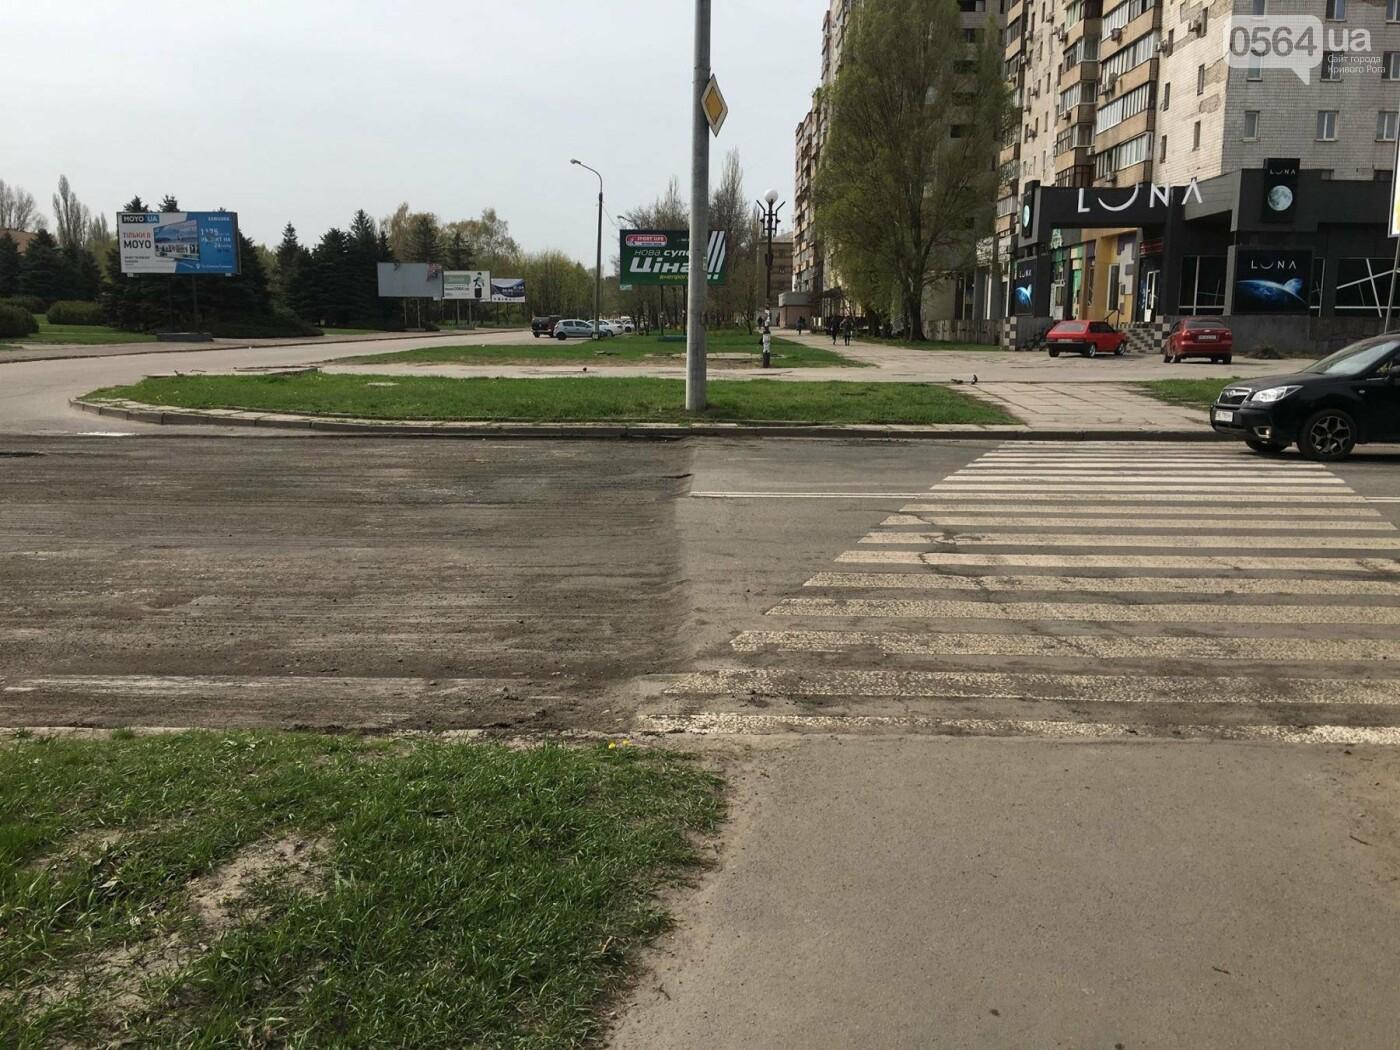 В Кривом Роге ремонтируют дороги и днем, и ночью (ФОТО), фото-8